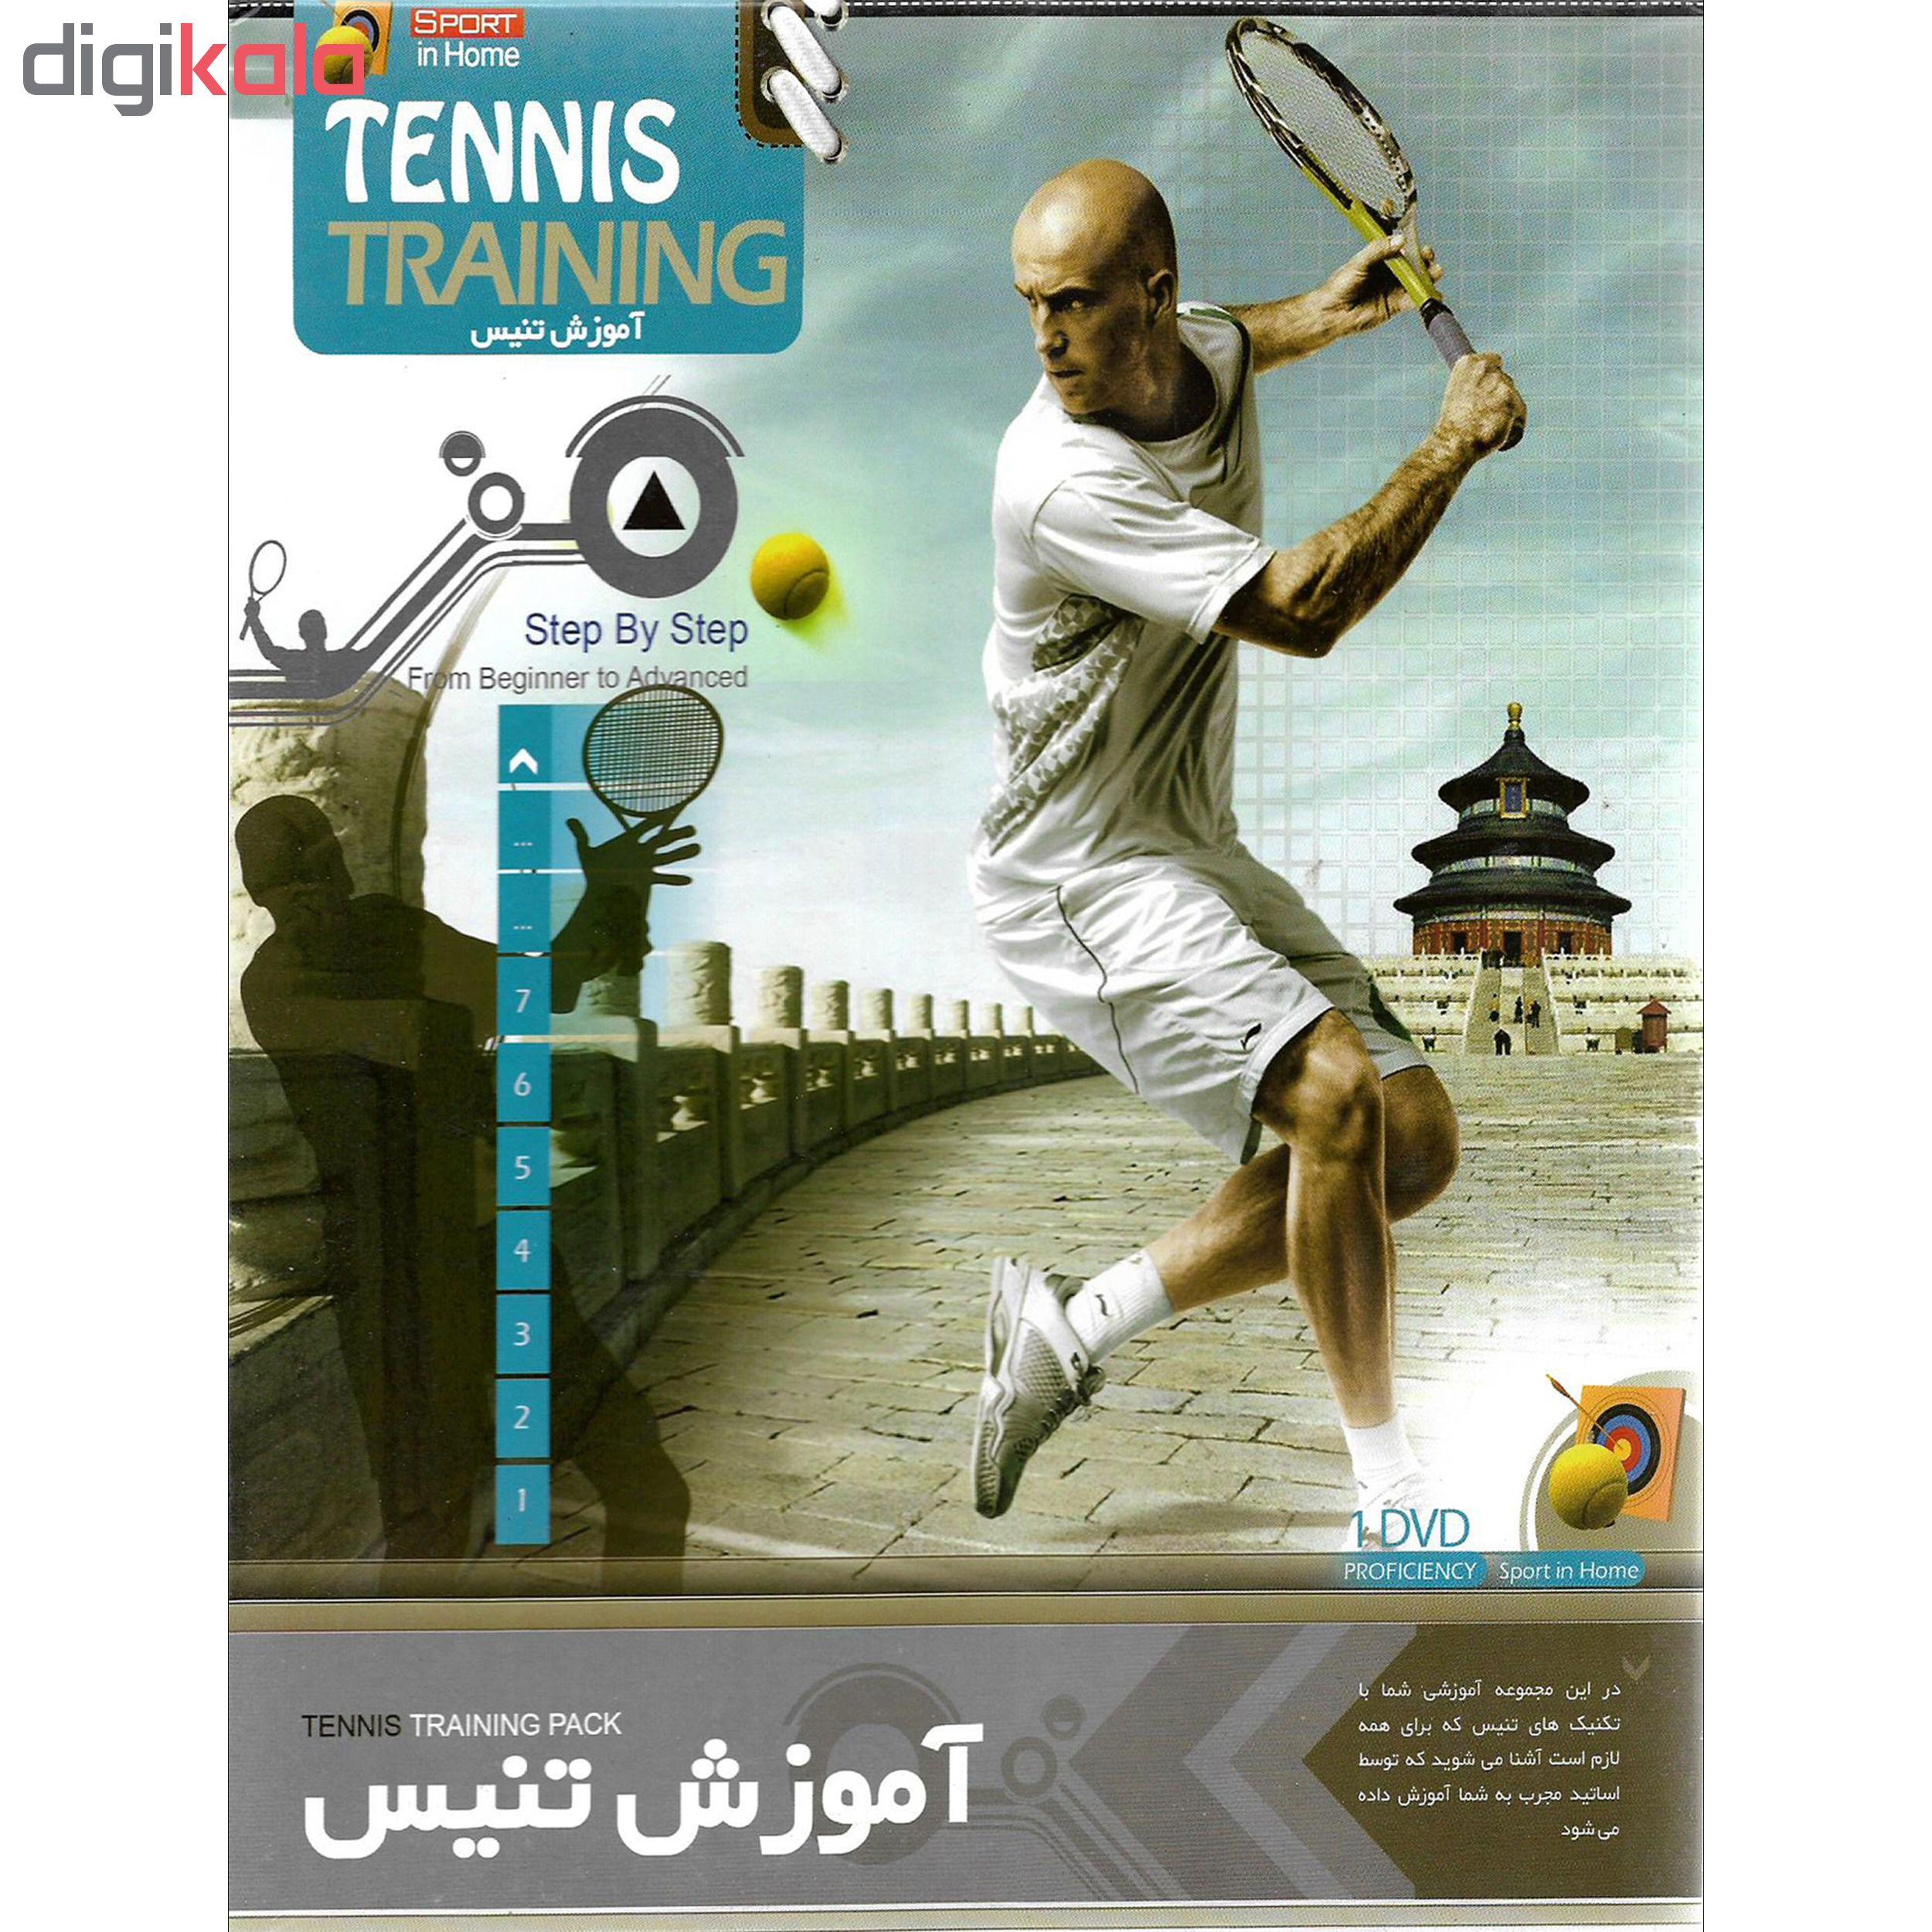 نرم افزار آموزش تنیس نشر پاناپرداز